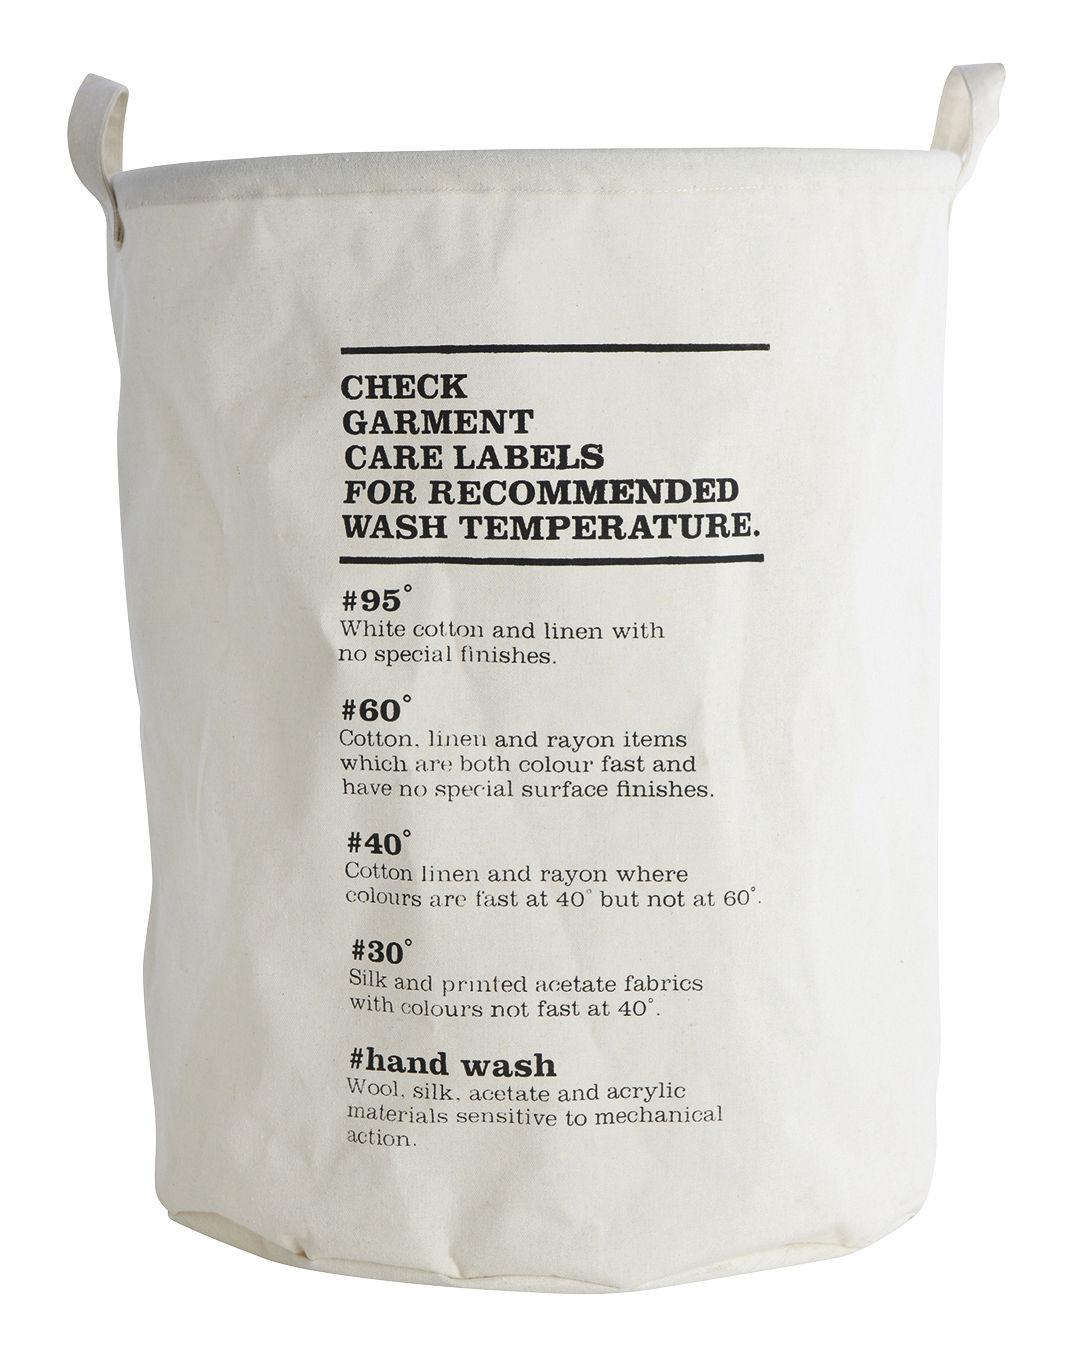 Interni - Contenitori e Cesti - Portabiancheria Wash Instructions - / Ø 40 x H 50 cm di House Doctor - Istruzioni di lavaggio - Cotone rivestito